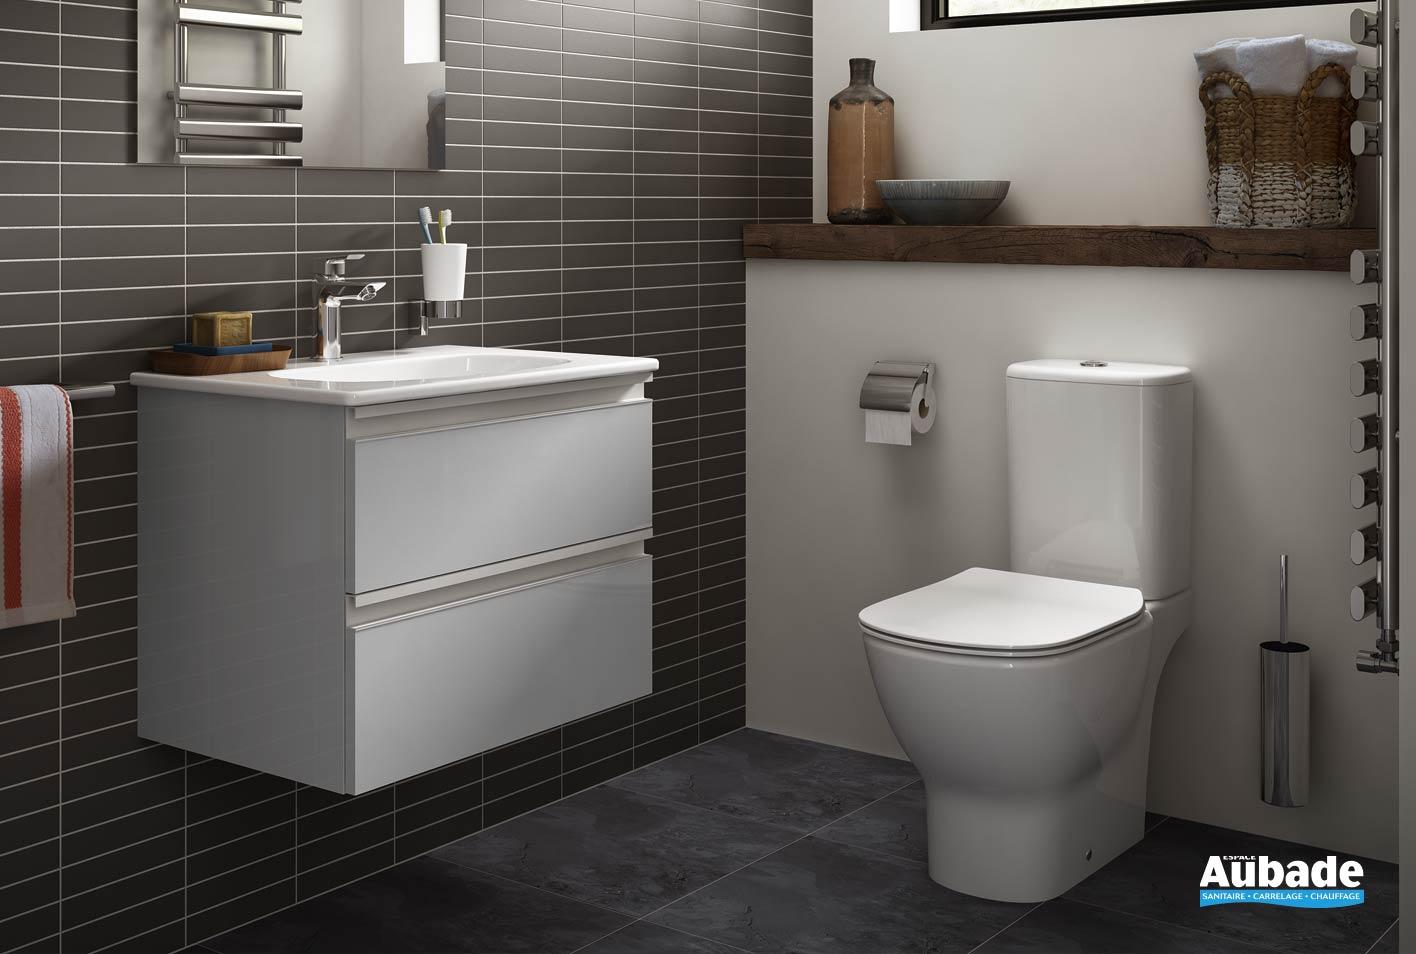 Salle De Bain Et Wc Dans Espace Reduit pack wc sur pied tesi aquablade® de ideal standard